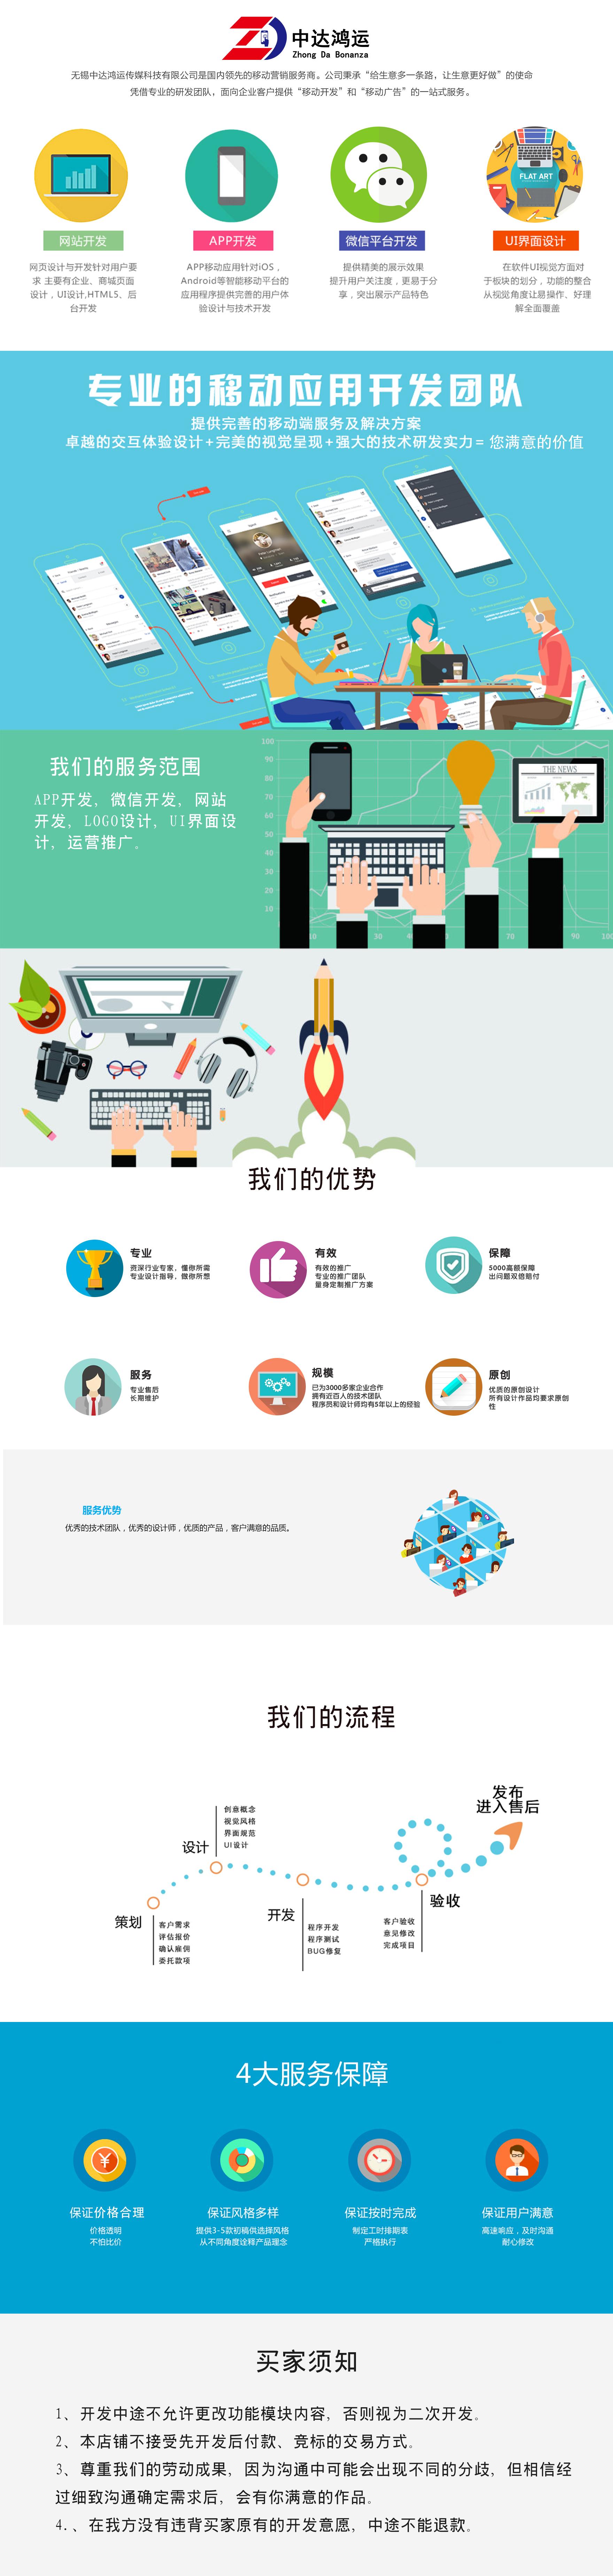 微信定制开发_微信开发-微信服务号-微信平台发三级分销开发-app商城开发5